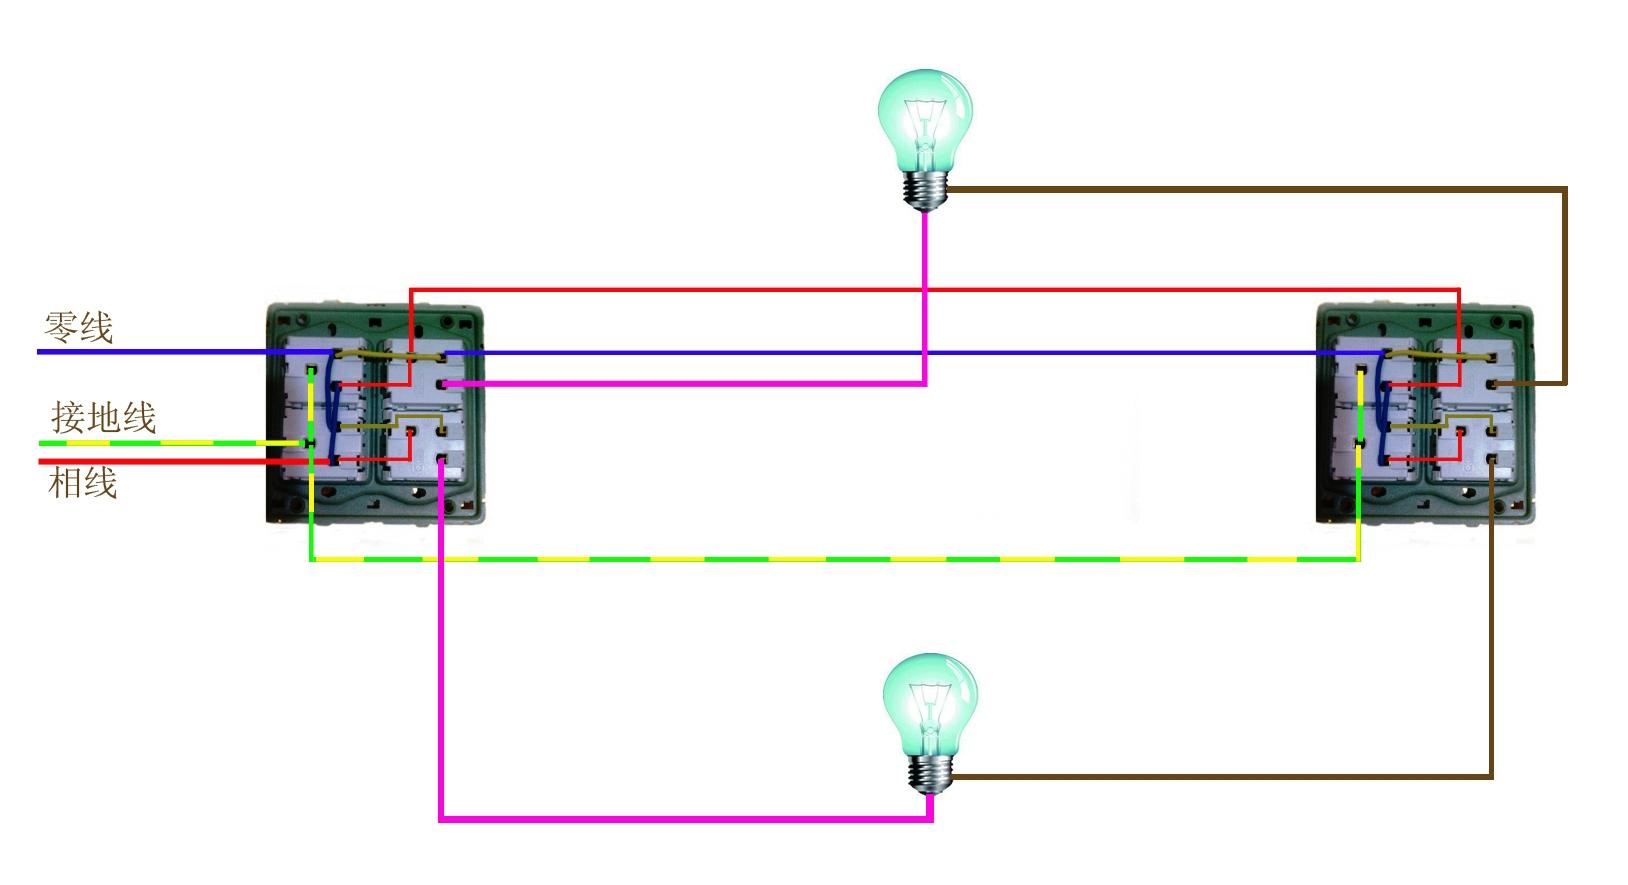 开关2开5孔接线示意图